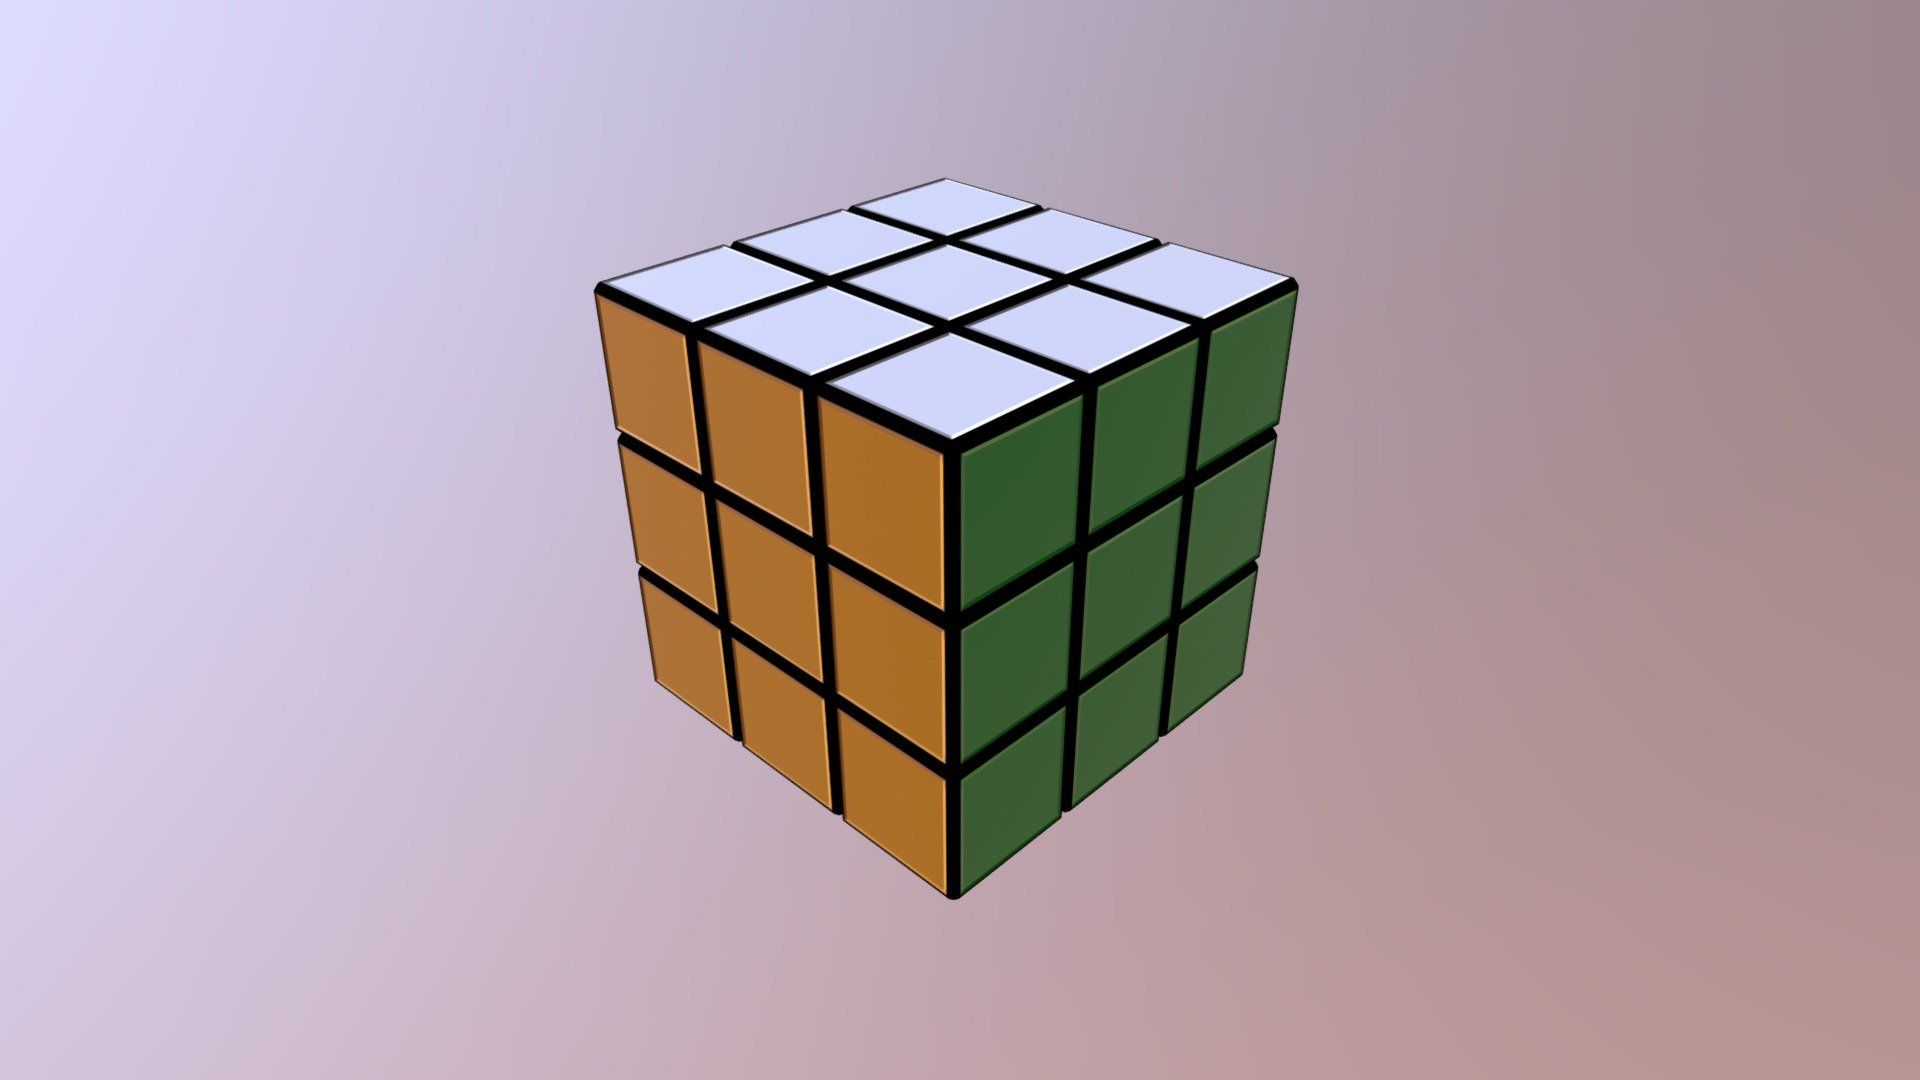 Rubiks Cube Free Desktop Wallpaper